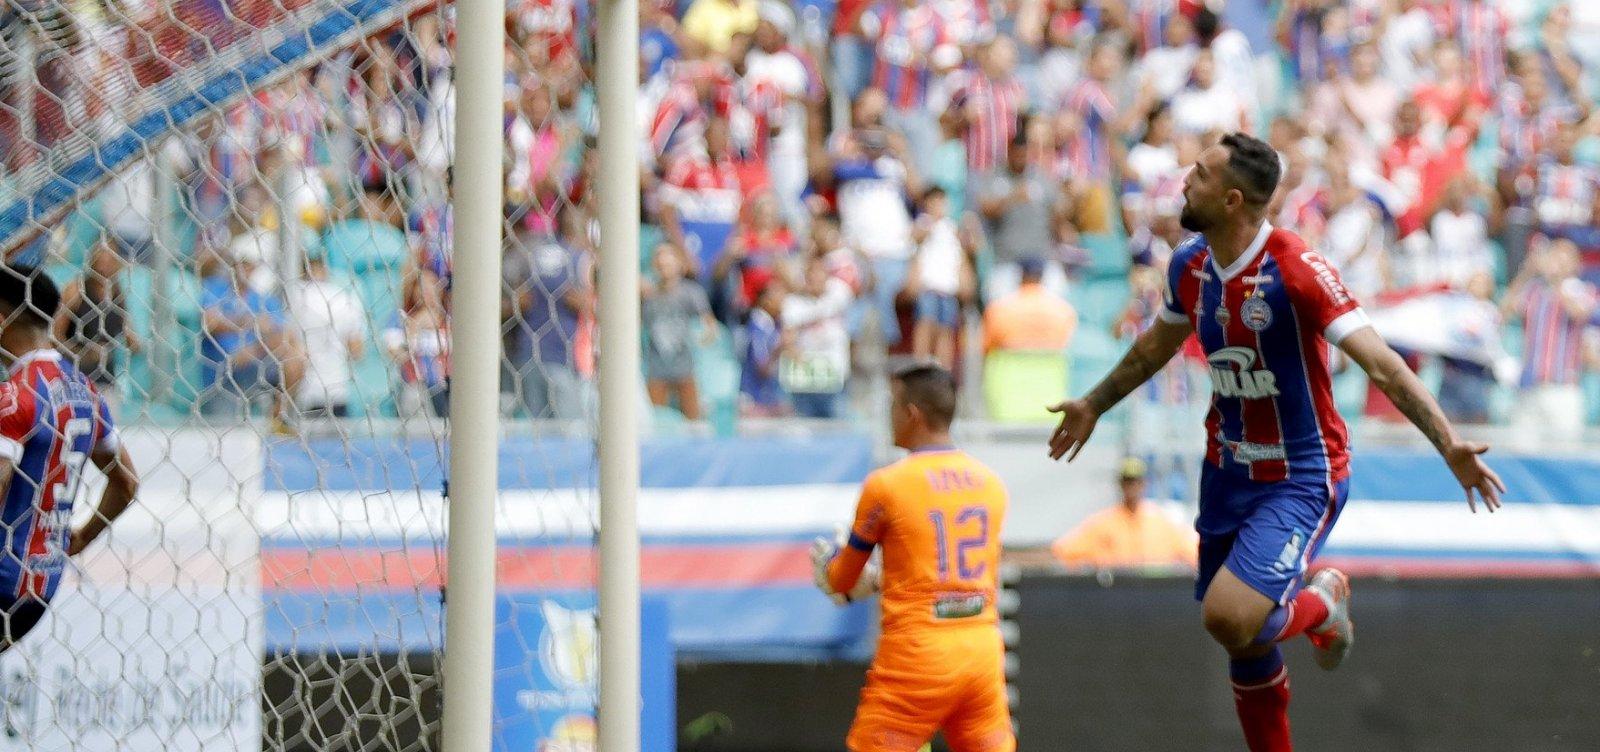 ['Faltou um pouco mais de calma', diz Gilberto após empate do Bahia com o Fortaleza]